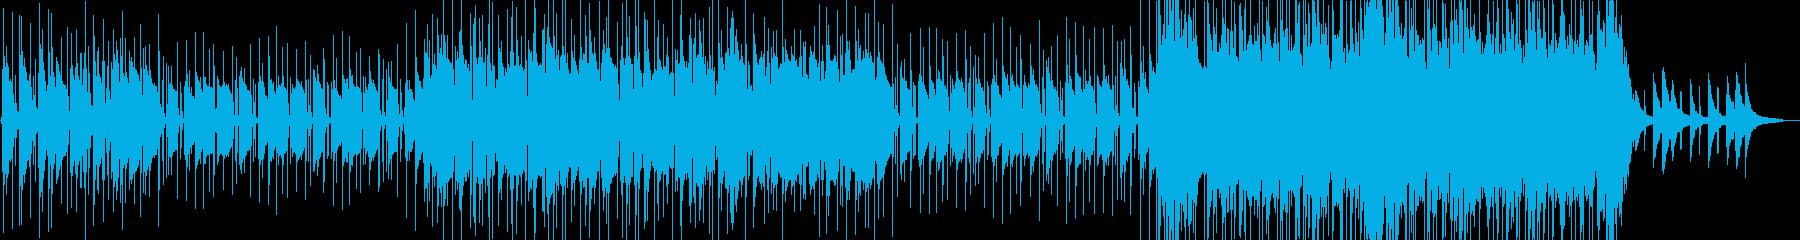 ハートフル、ドラマチックなバラードの再生済みの波形